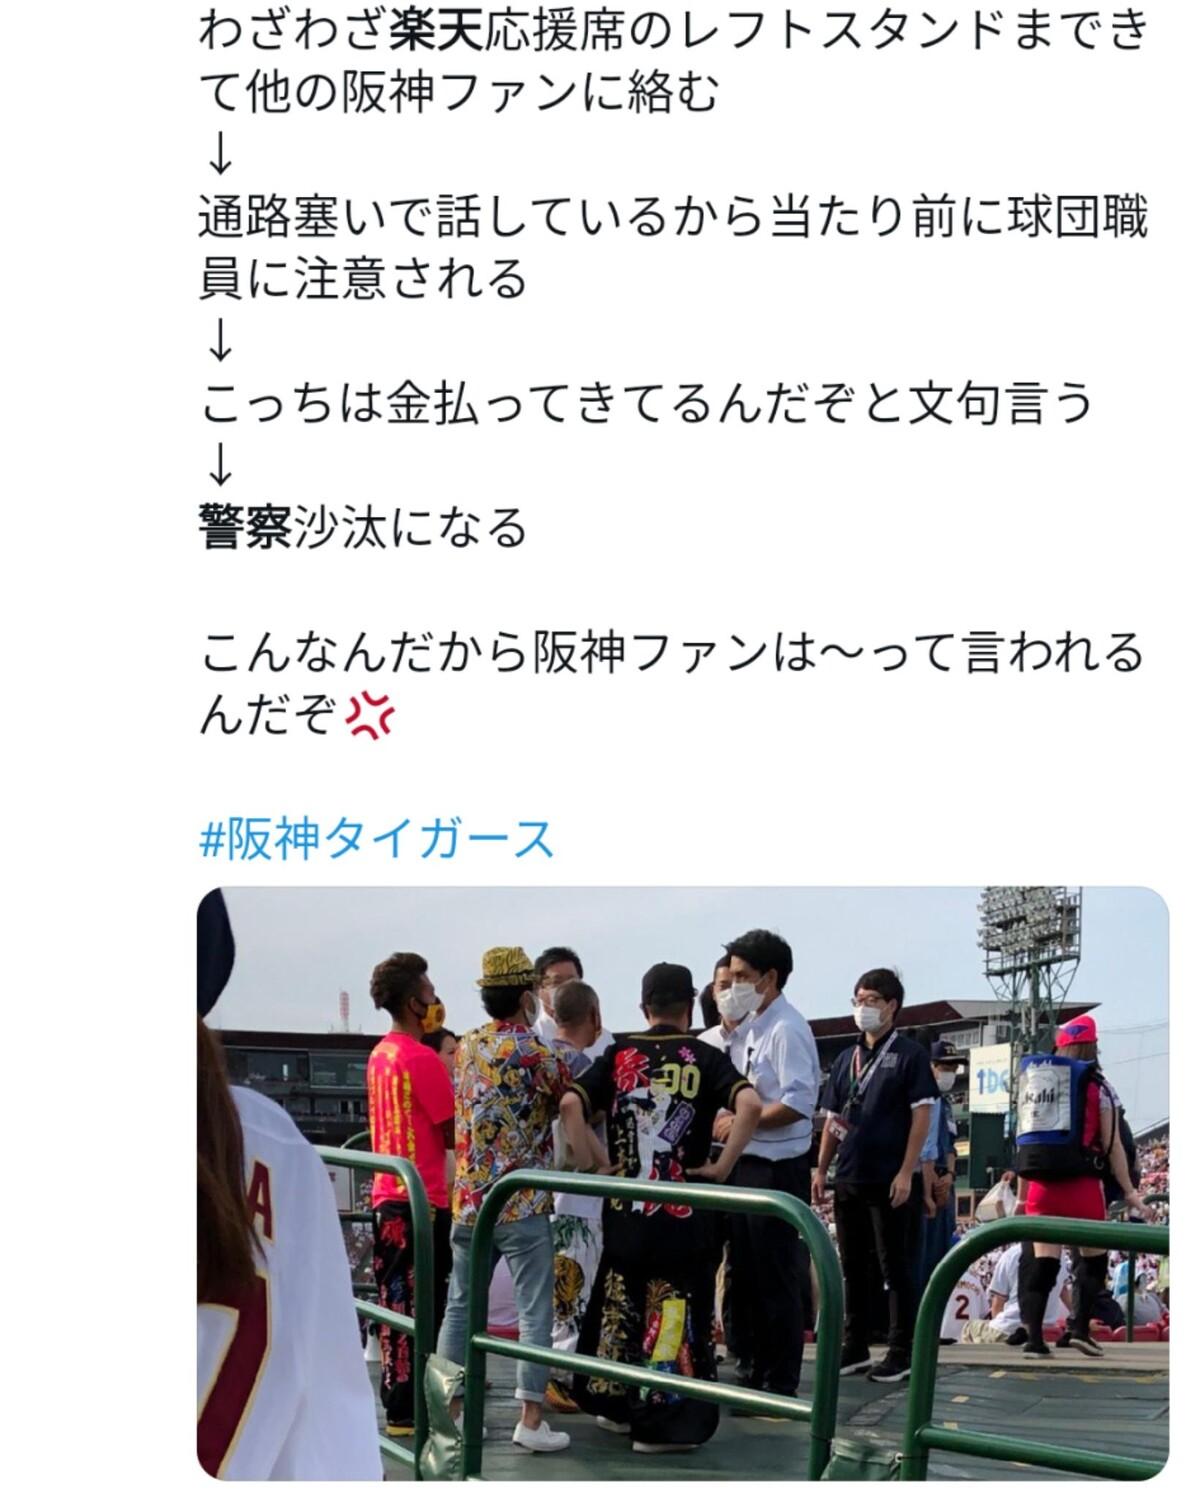 阪神ファン、東北で警察沙汰